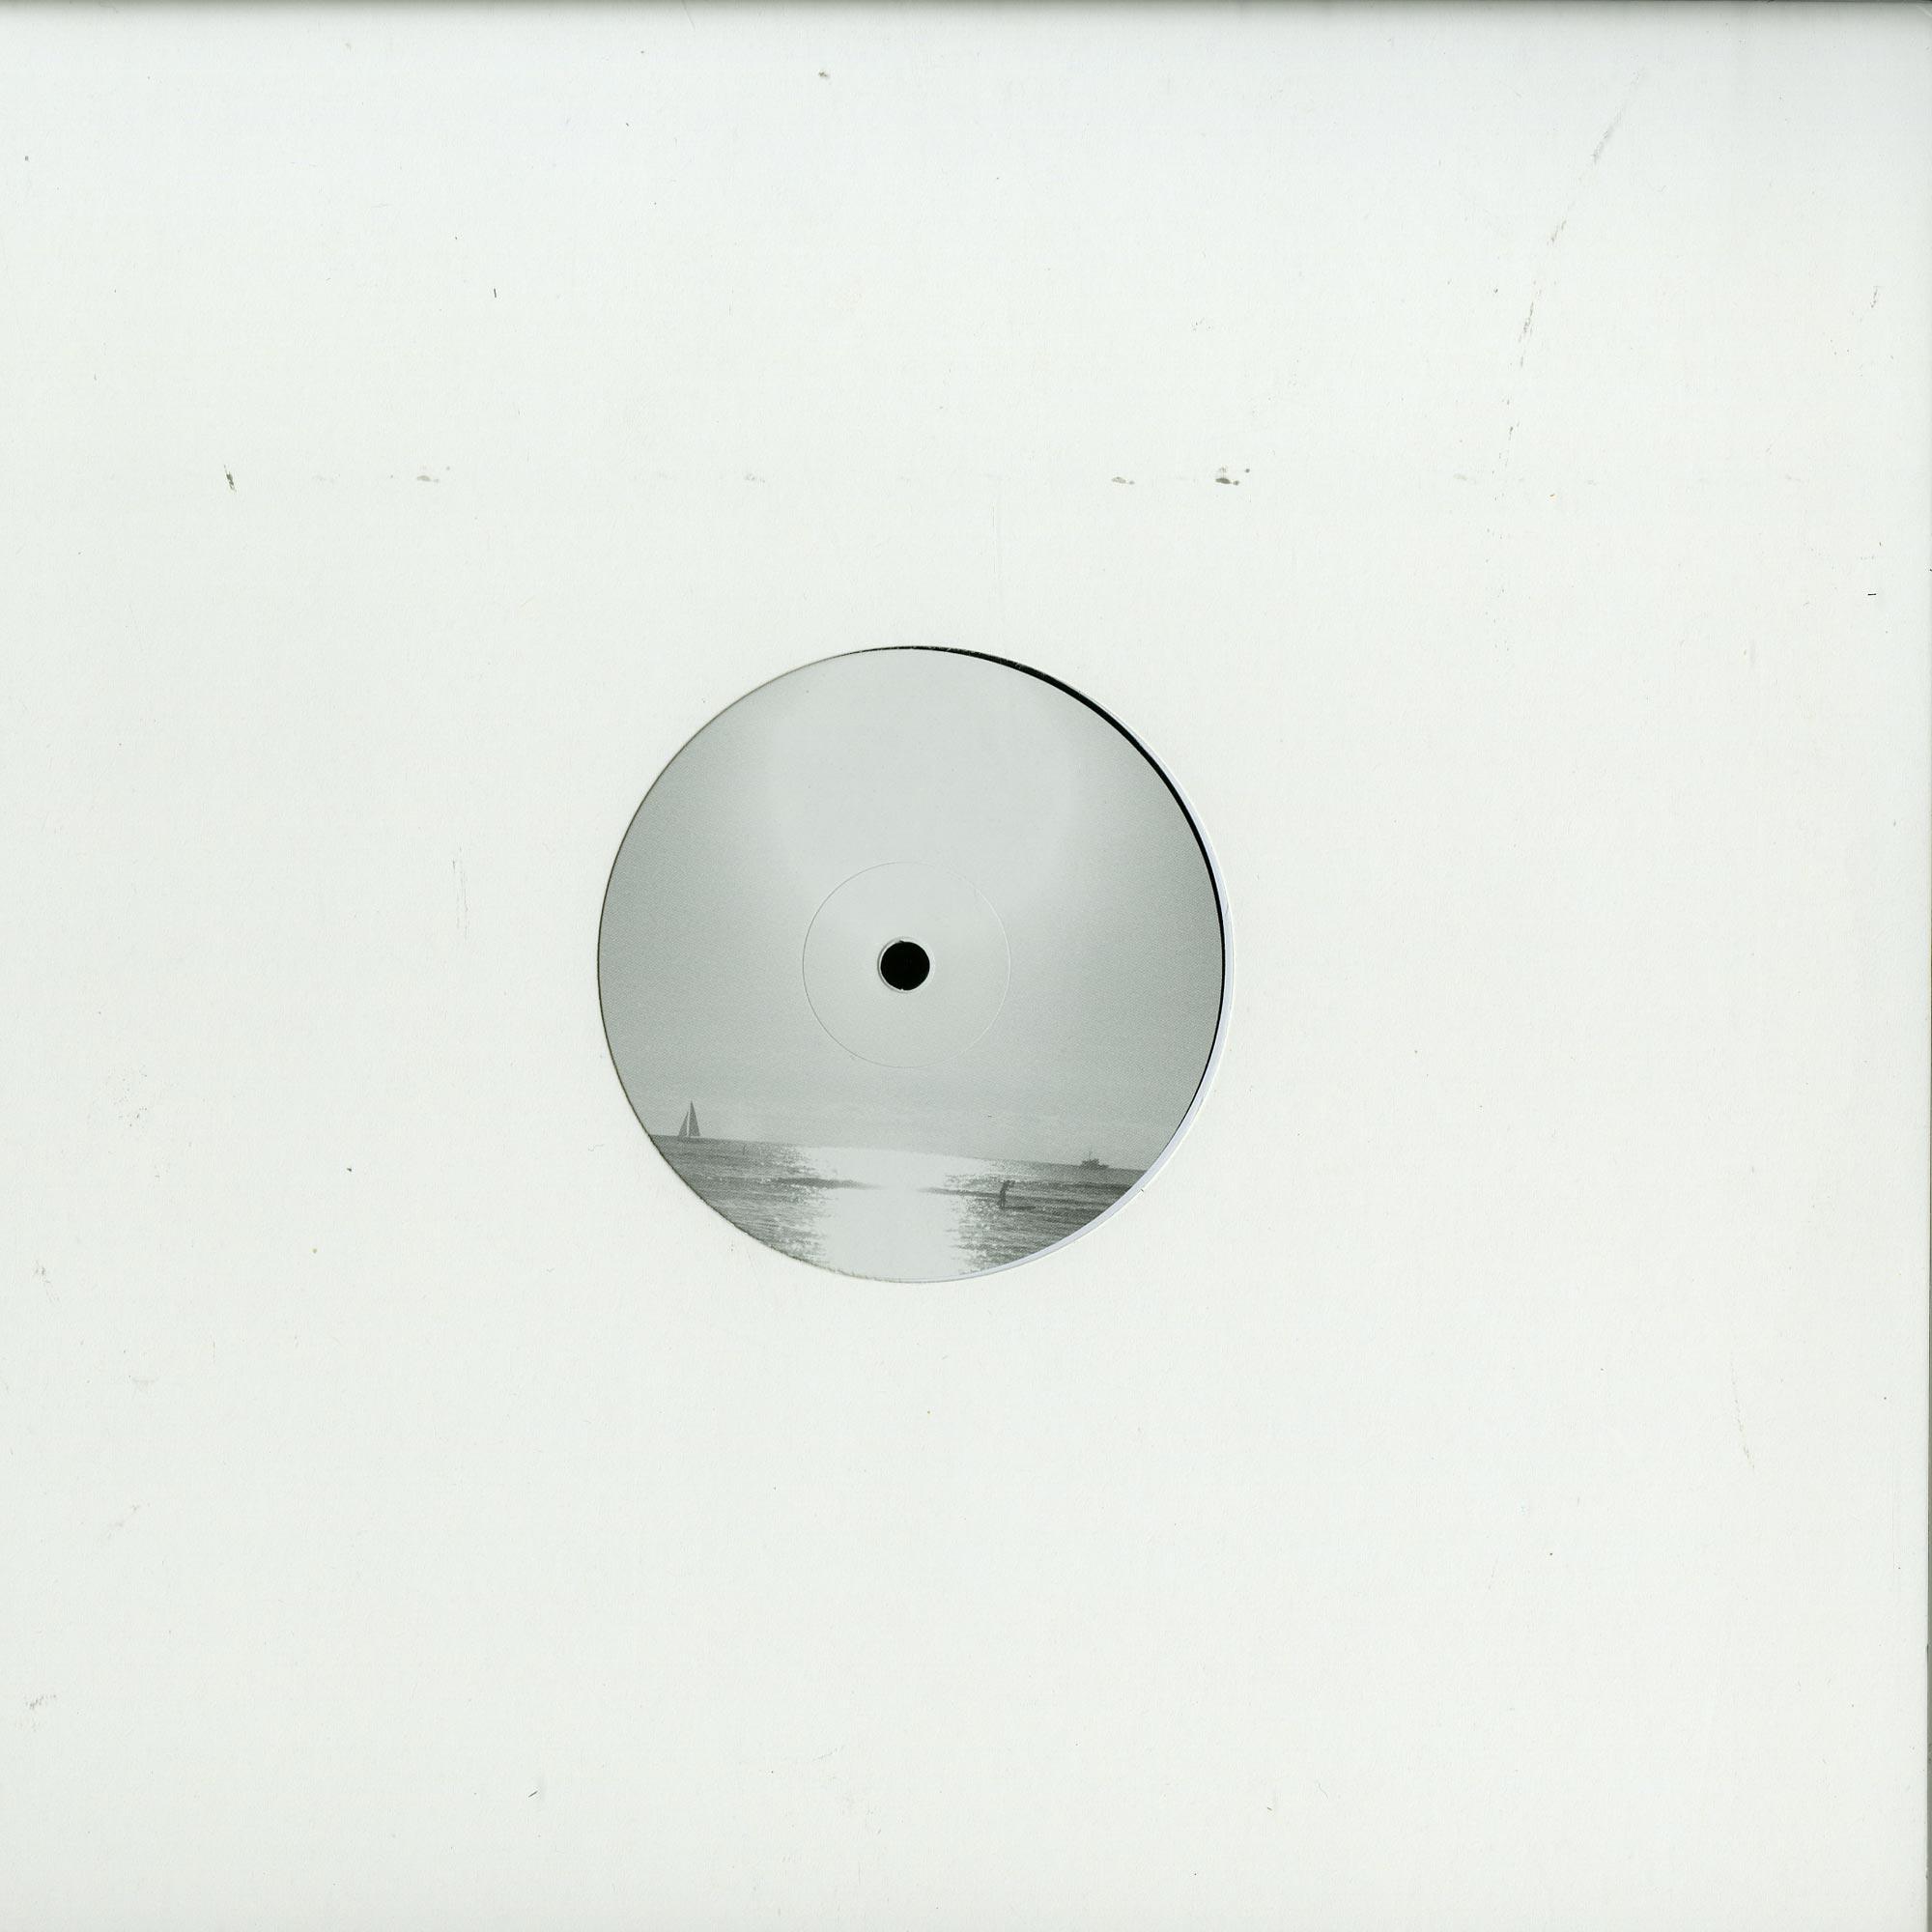 Tomi Chair - WARM SEASONS EP